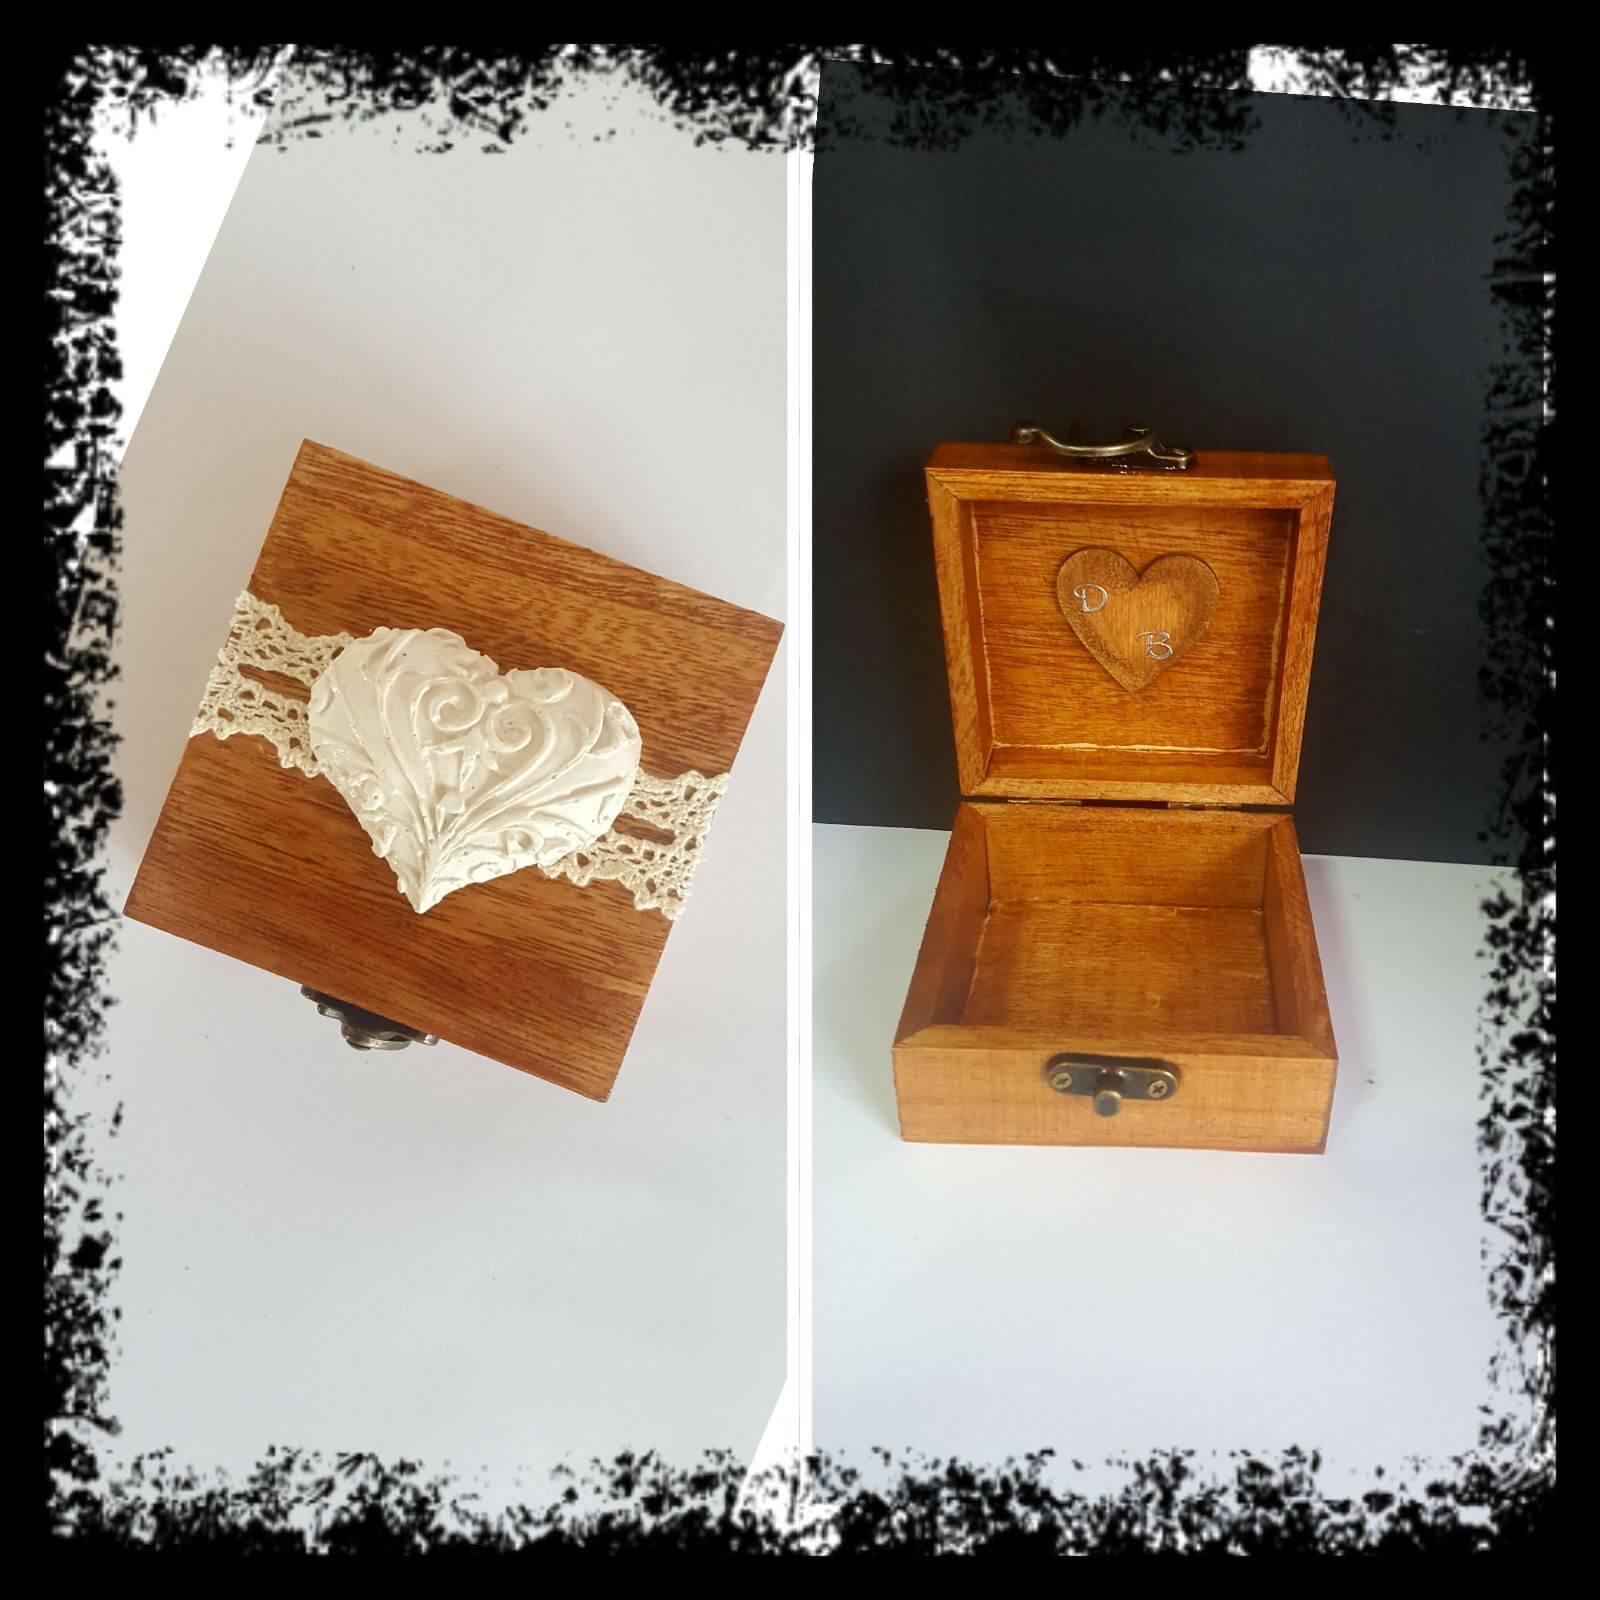 cajas de madera para arras cajas de madera para arras - cajas para arras 8 - Cajas de madera para arras – Caja para arras